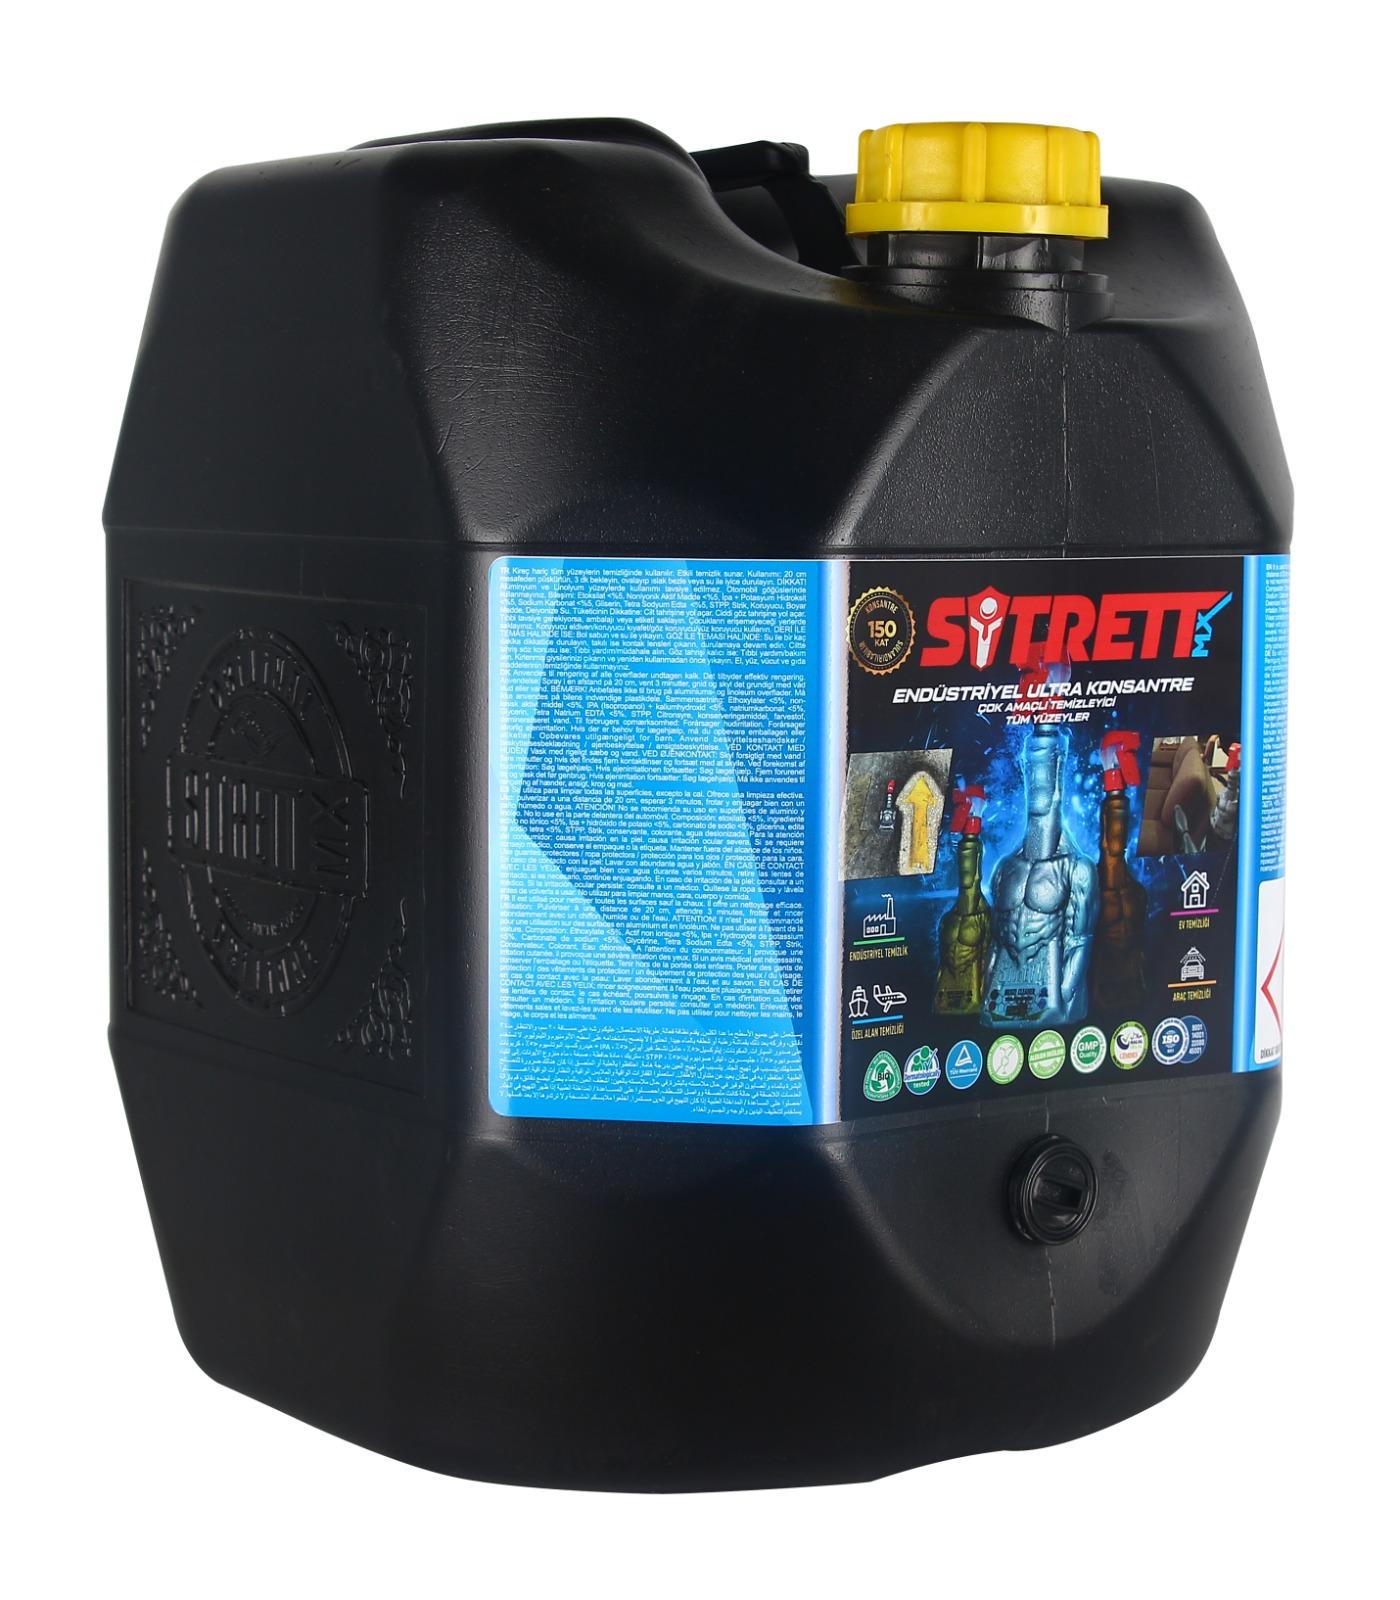 SITRETT MX INDUSTRIAL 30 KG